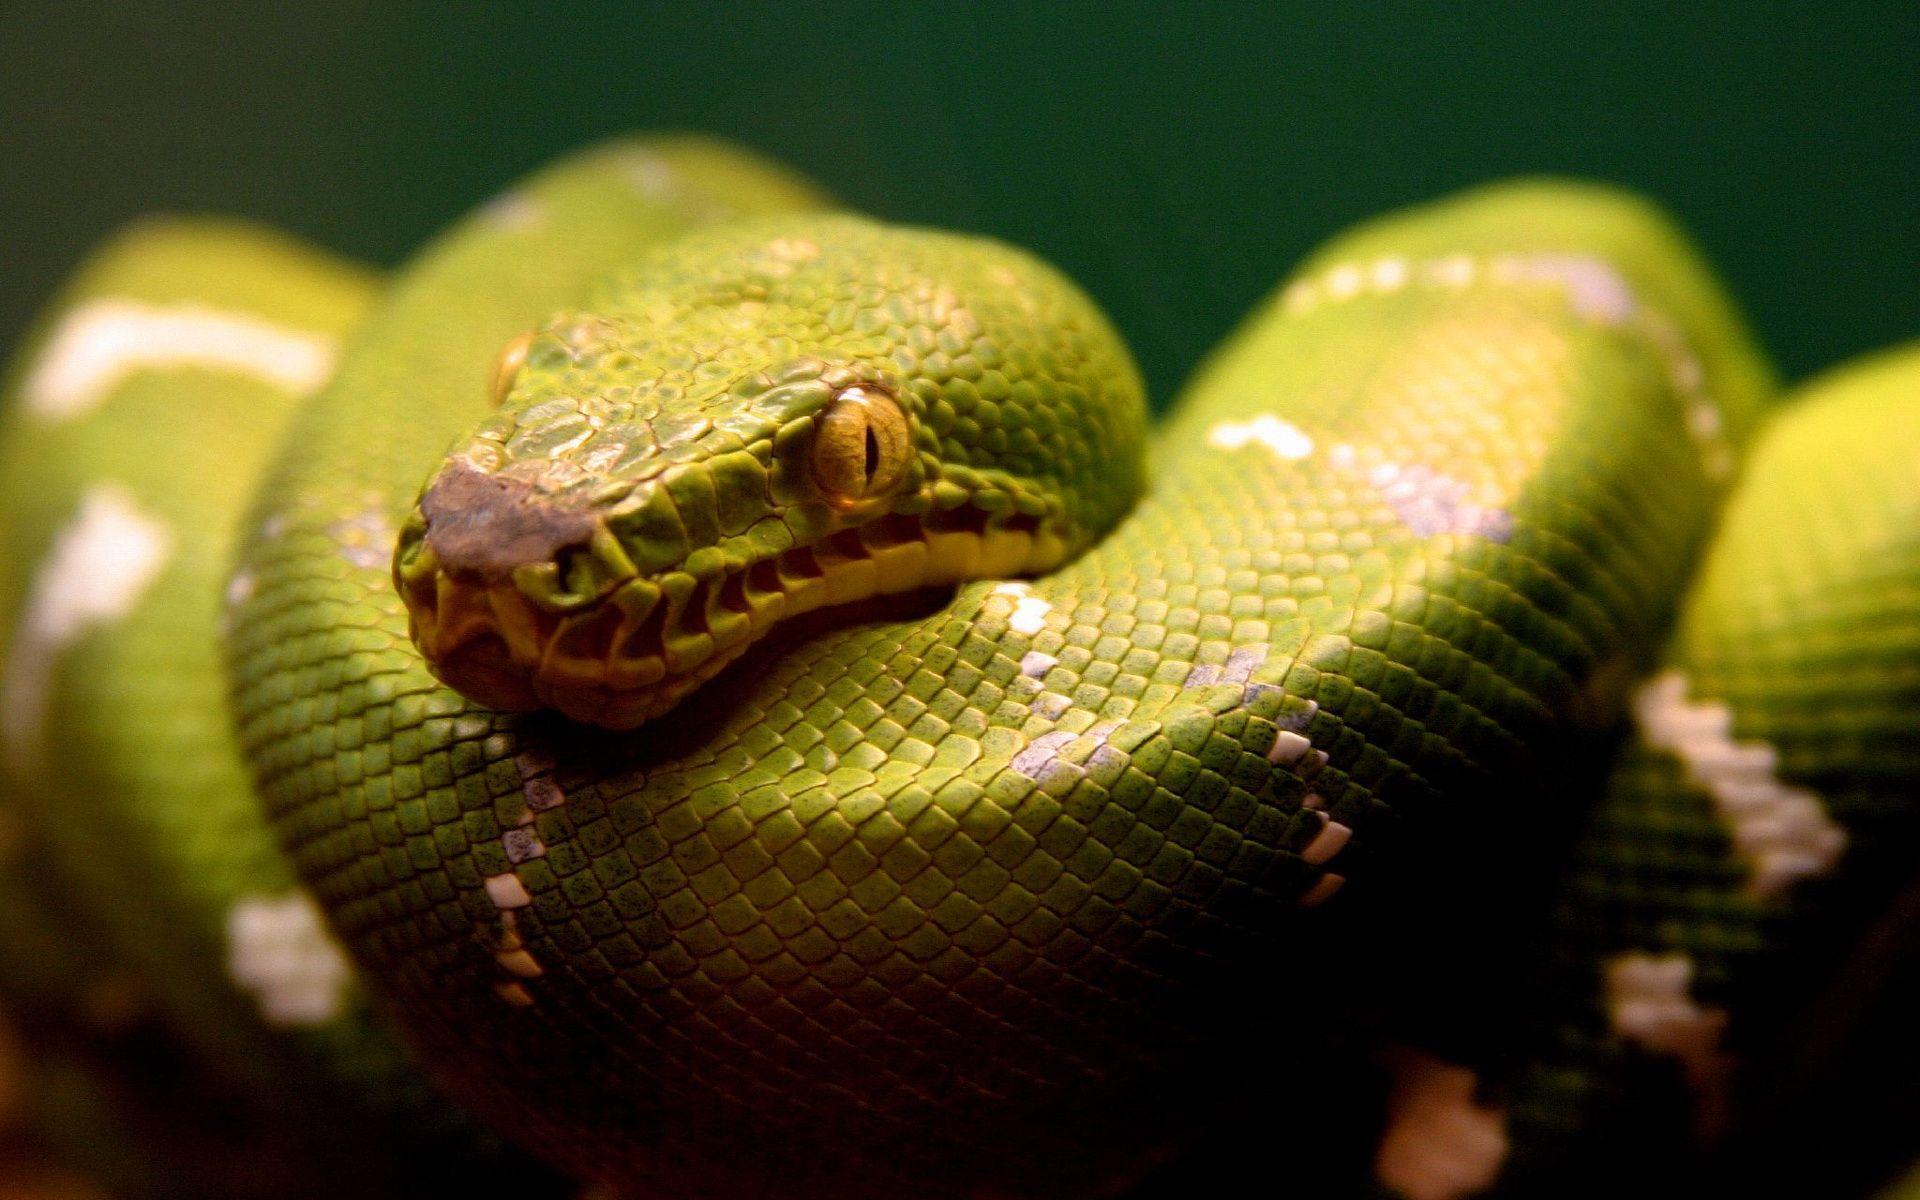 green snake Wallpaper - Animal Backgrounds